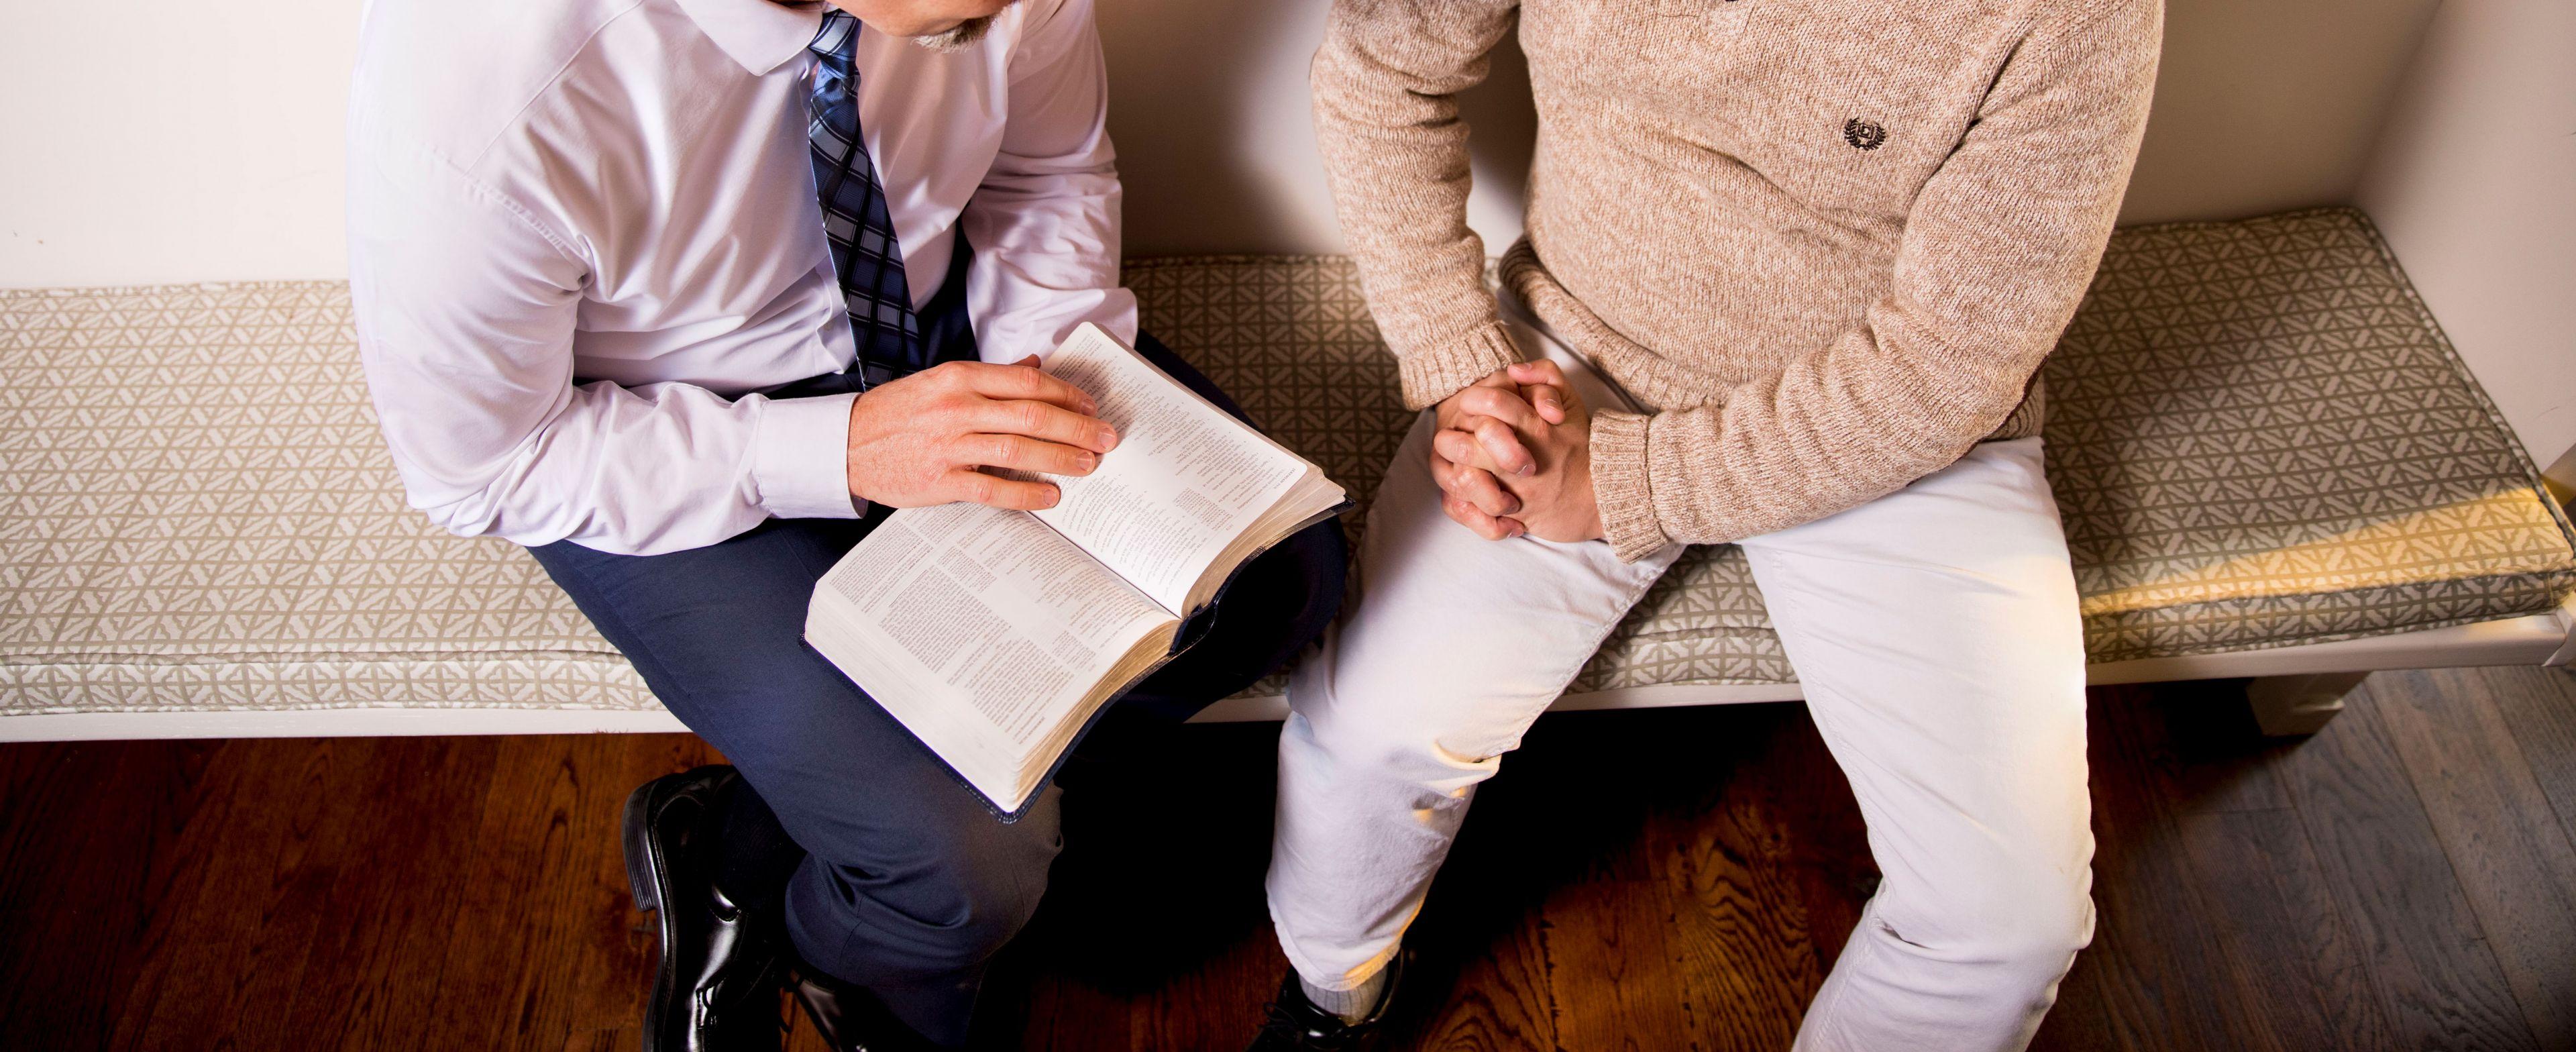 MDiv Chaplaincy 75 Hrs Online Degree Program